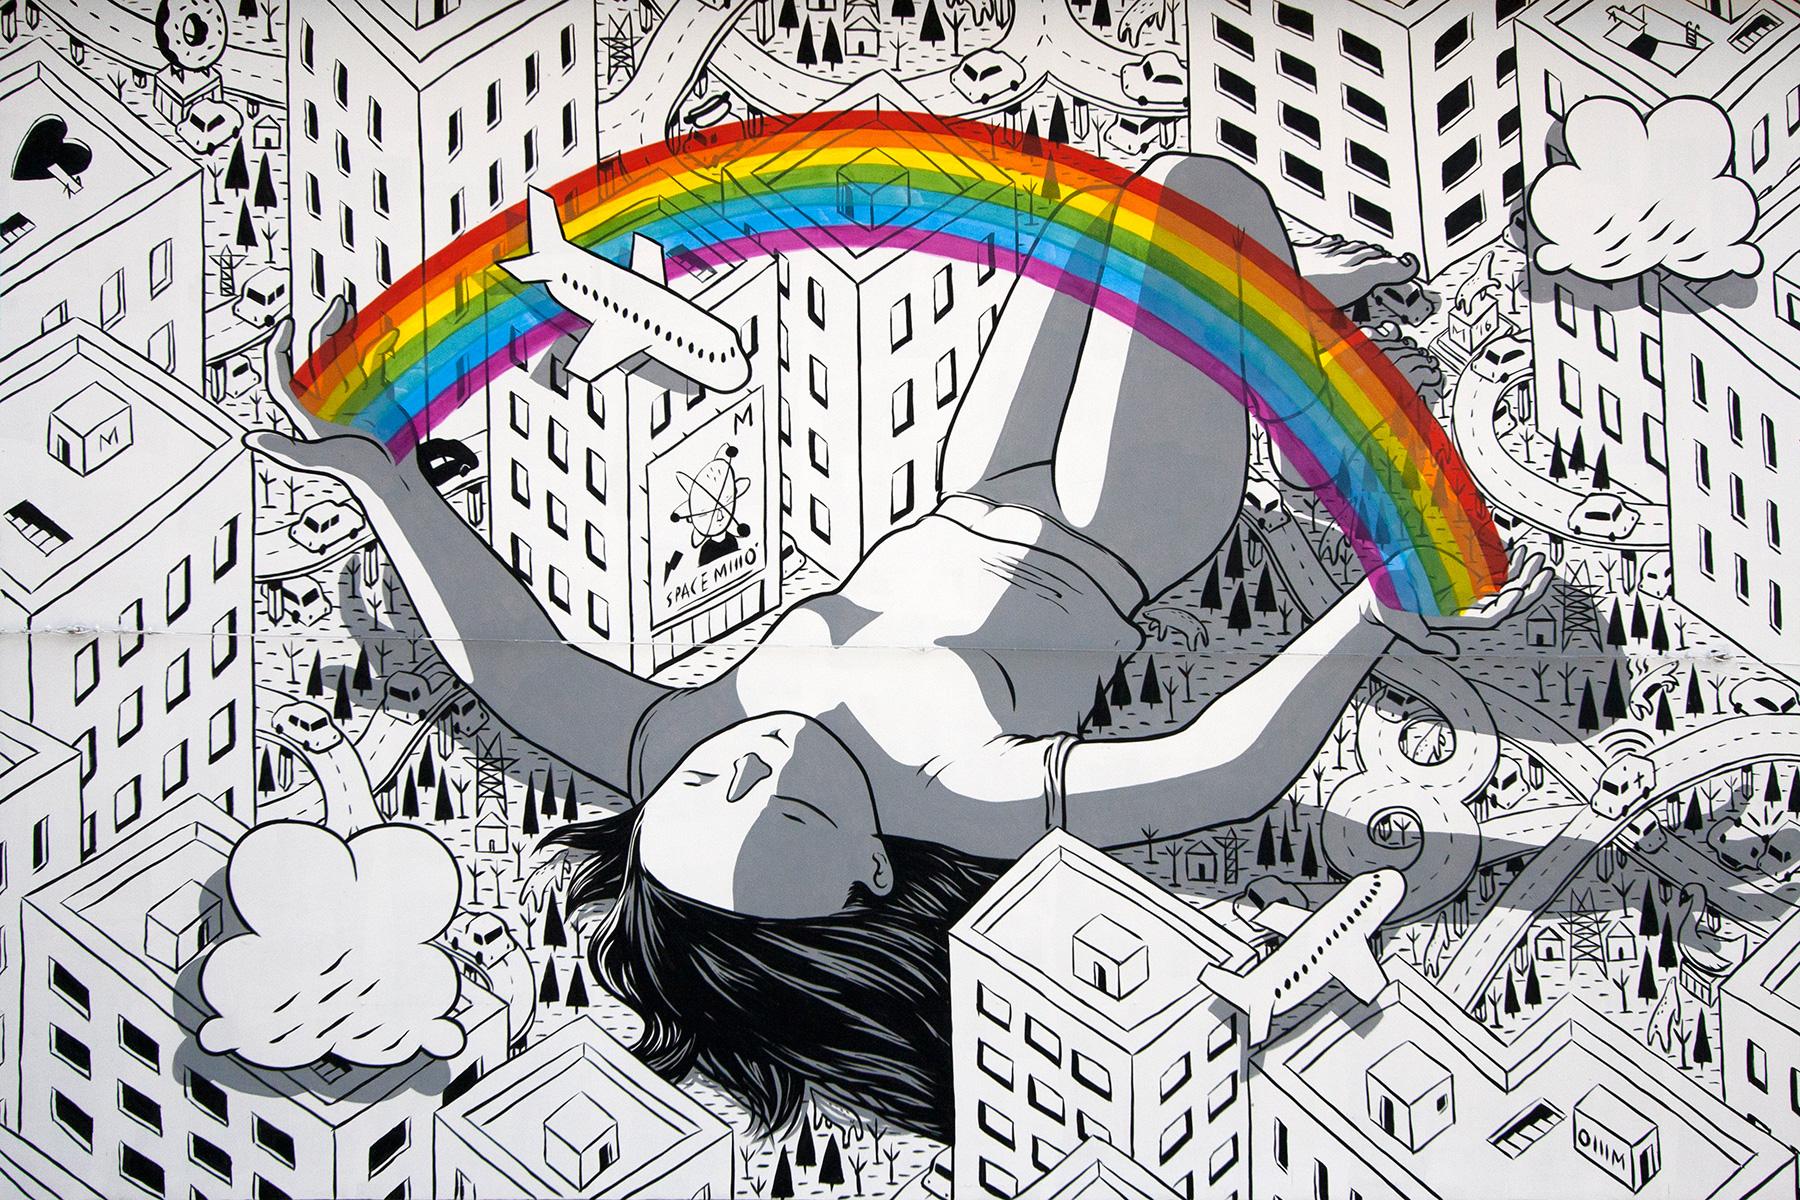 Милло: сюжетные фрески с забавными персонажами на городских многоэтажках